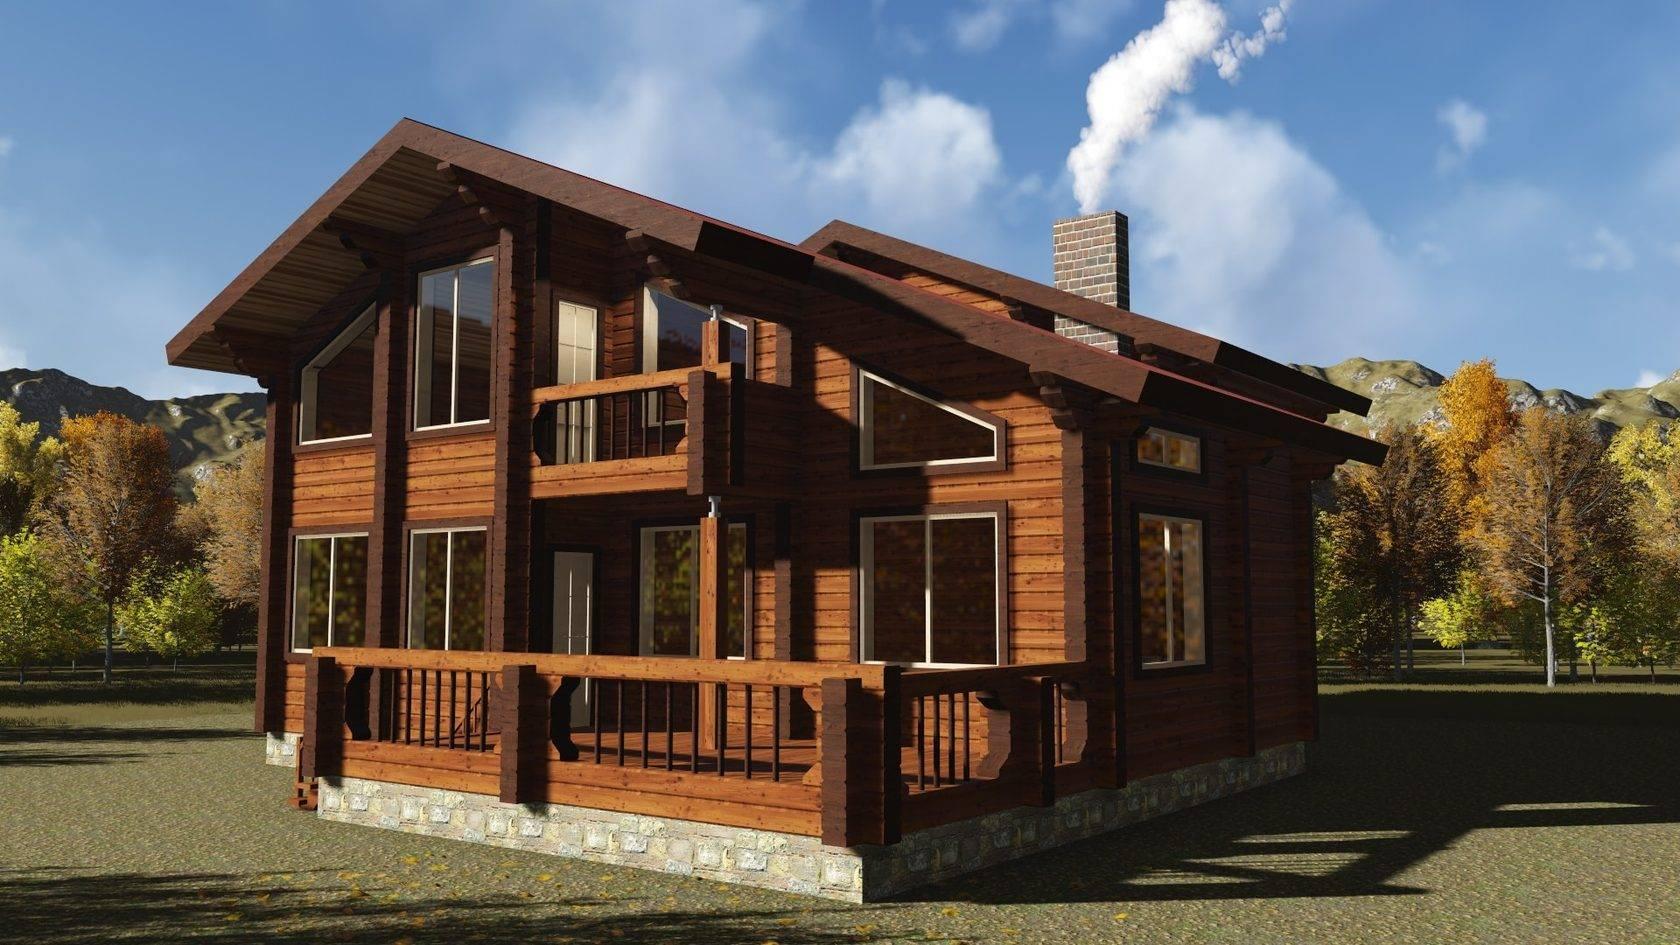 Шале - строительство дома из бруса за 5197040руб под ключ   русский стиль